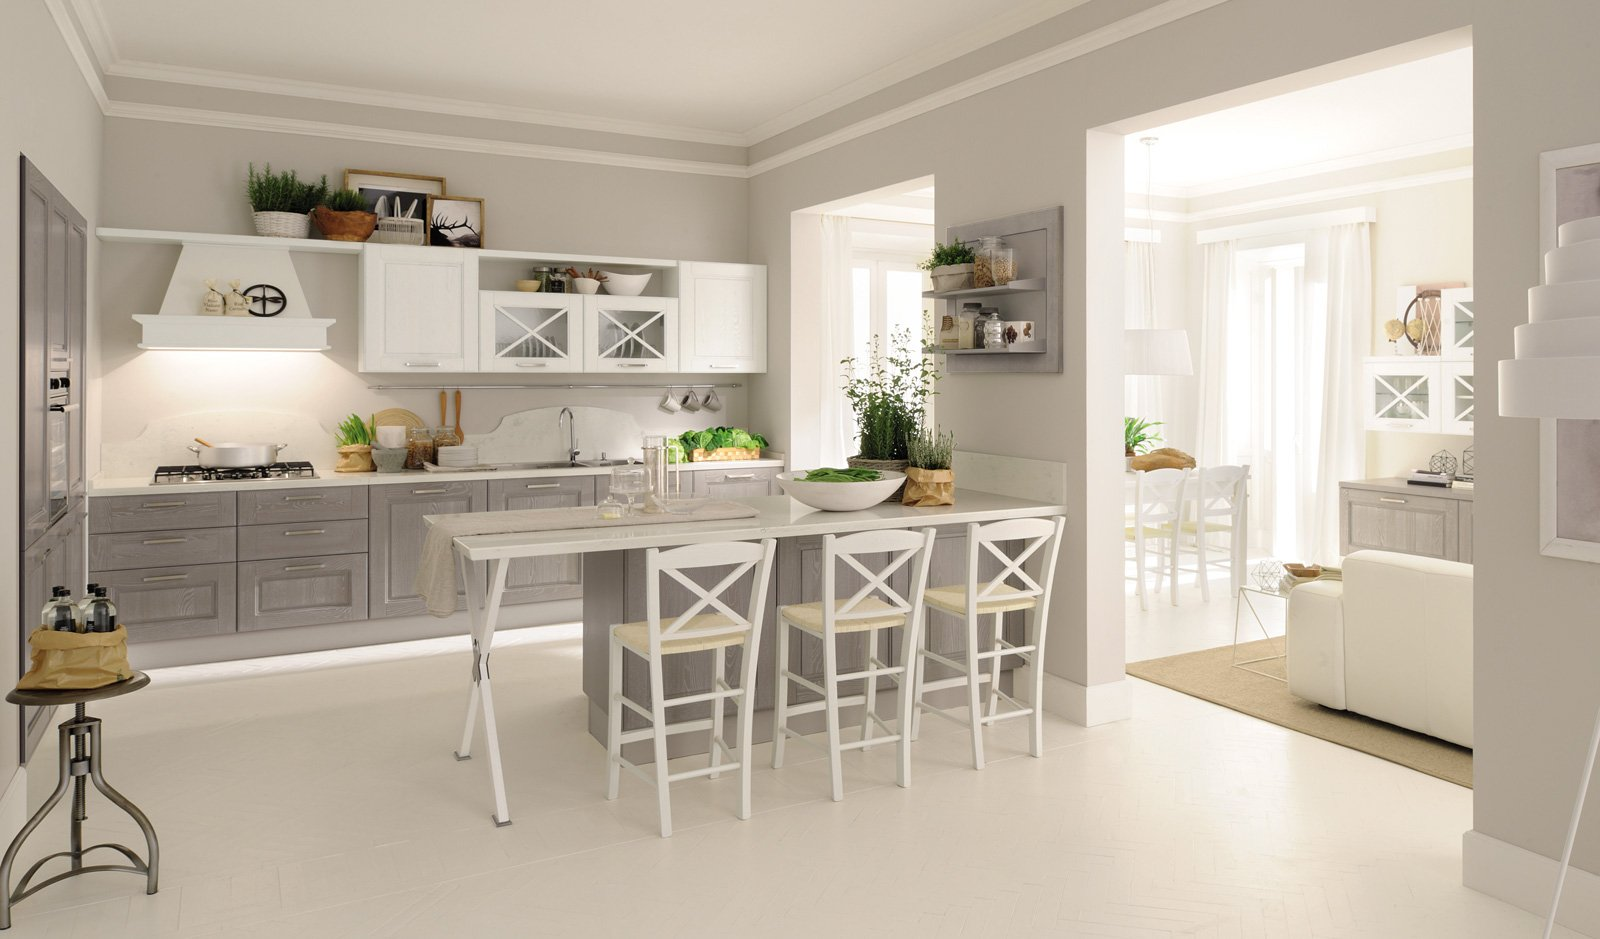 Cucine Lube In Toscana : Cucine con ante riquadrate o a telaio cose di casa